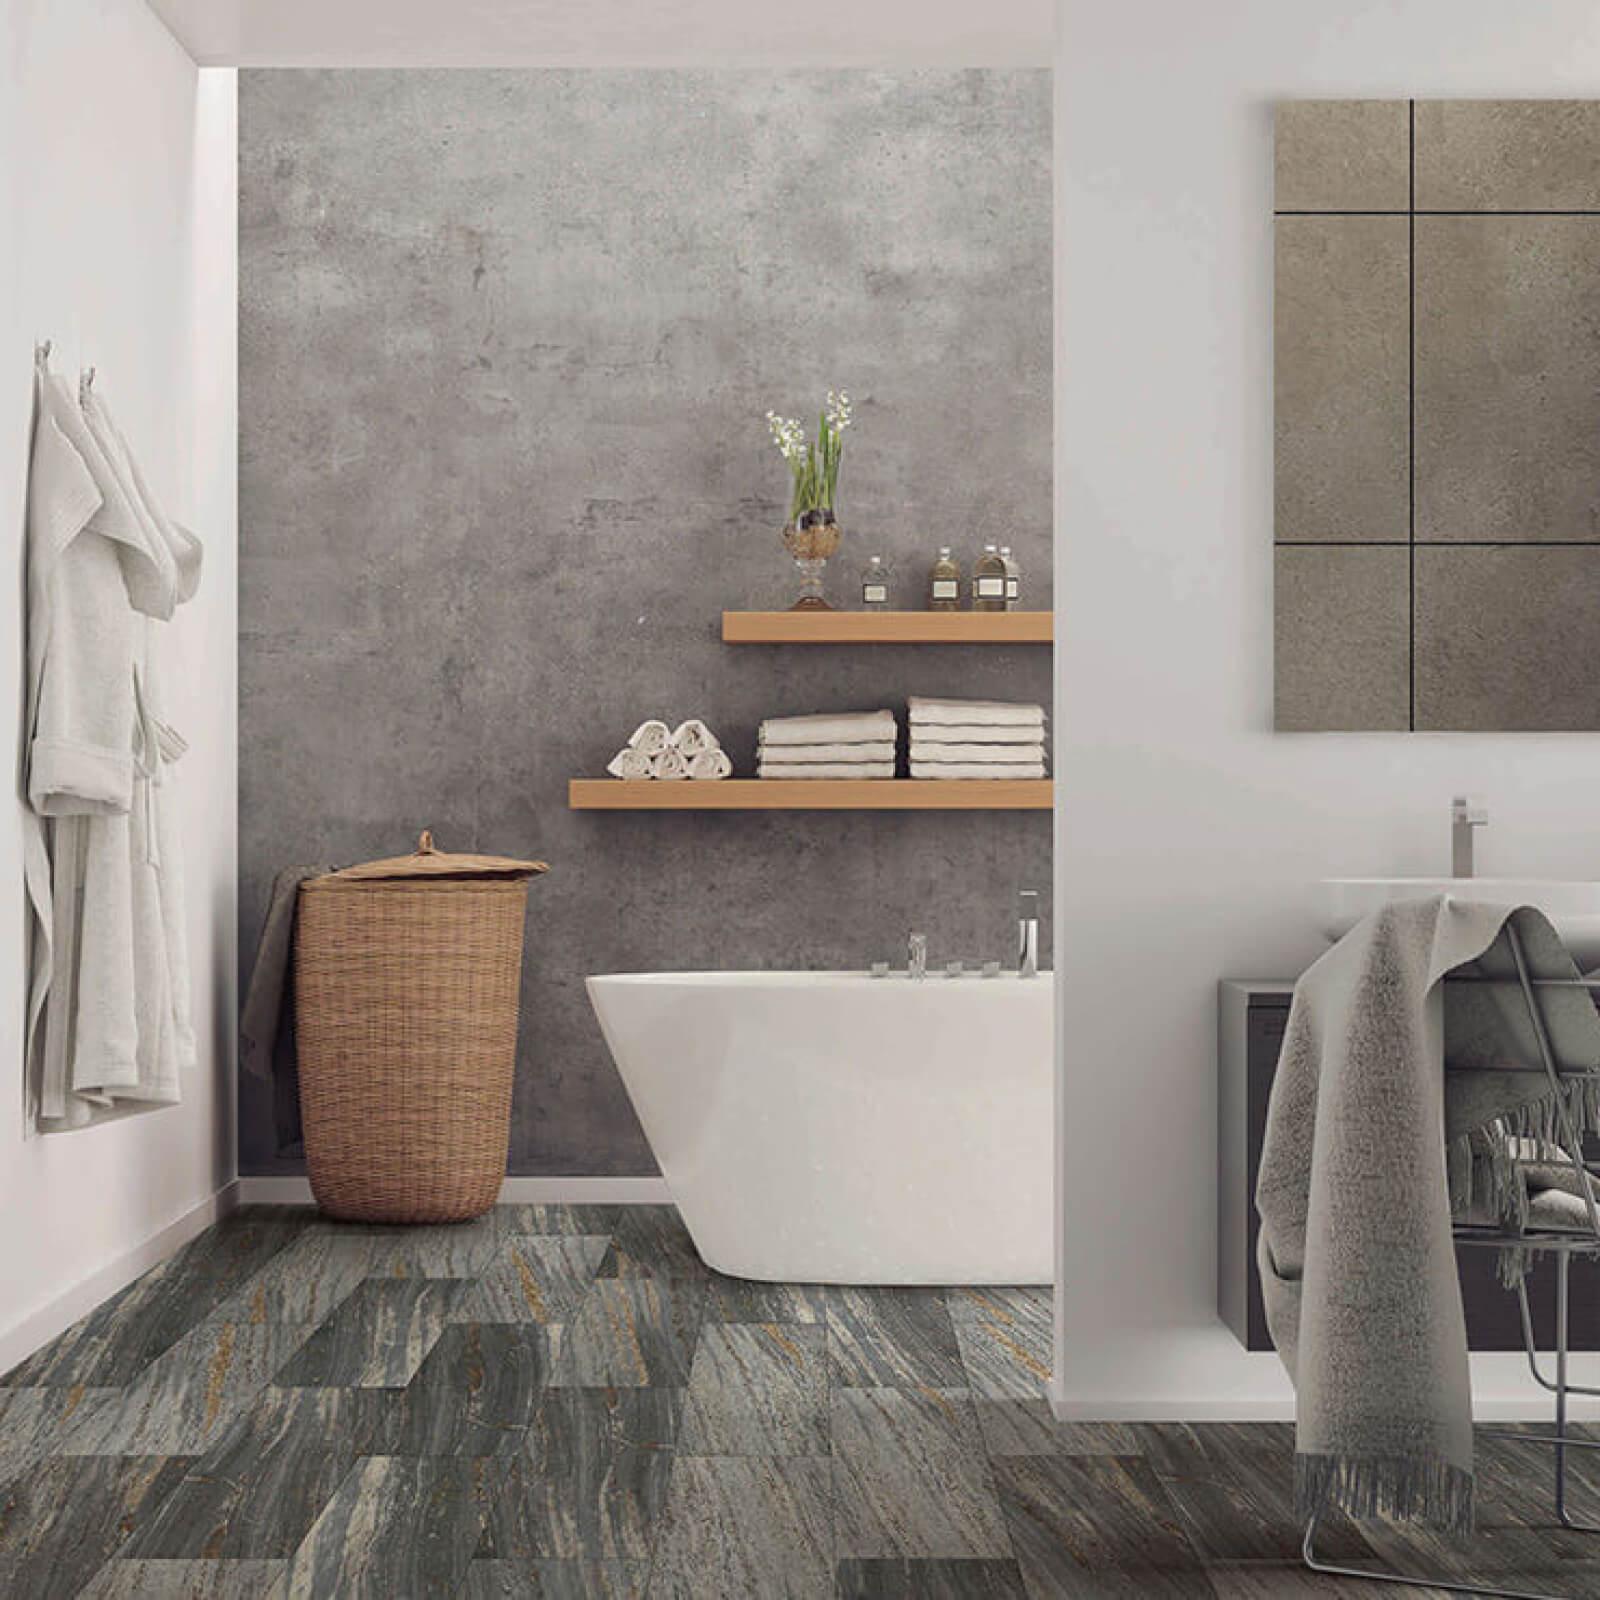 Bathroom flooring | McSwain Carpet & Floors